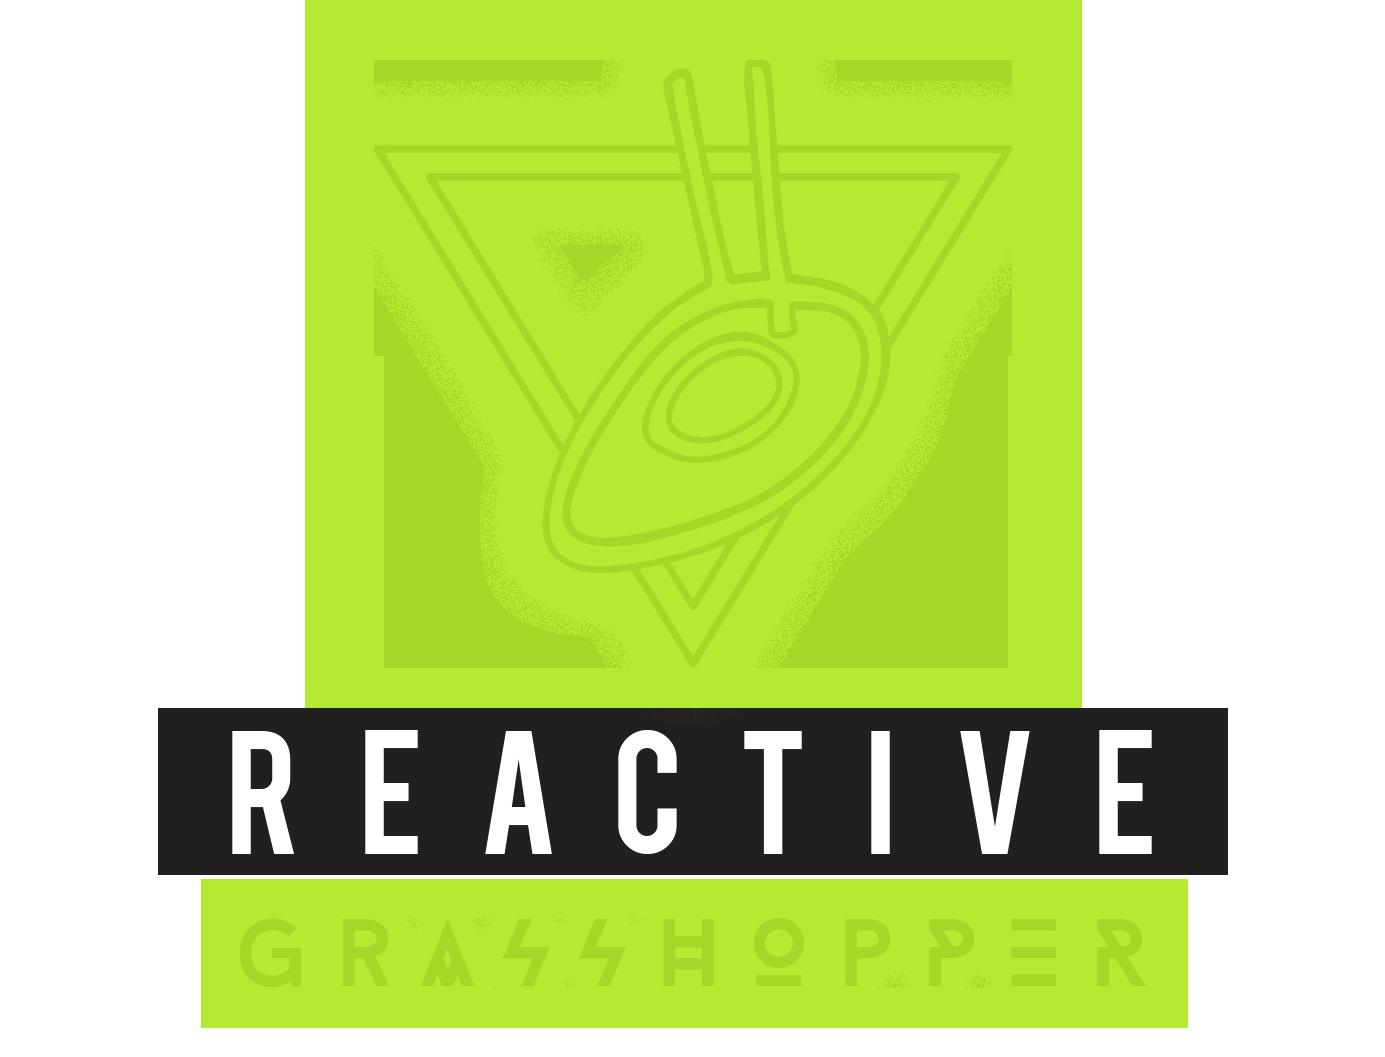 Reactive Grasshopper — Matt Duren